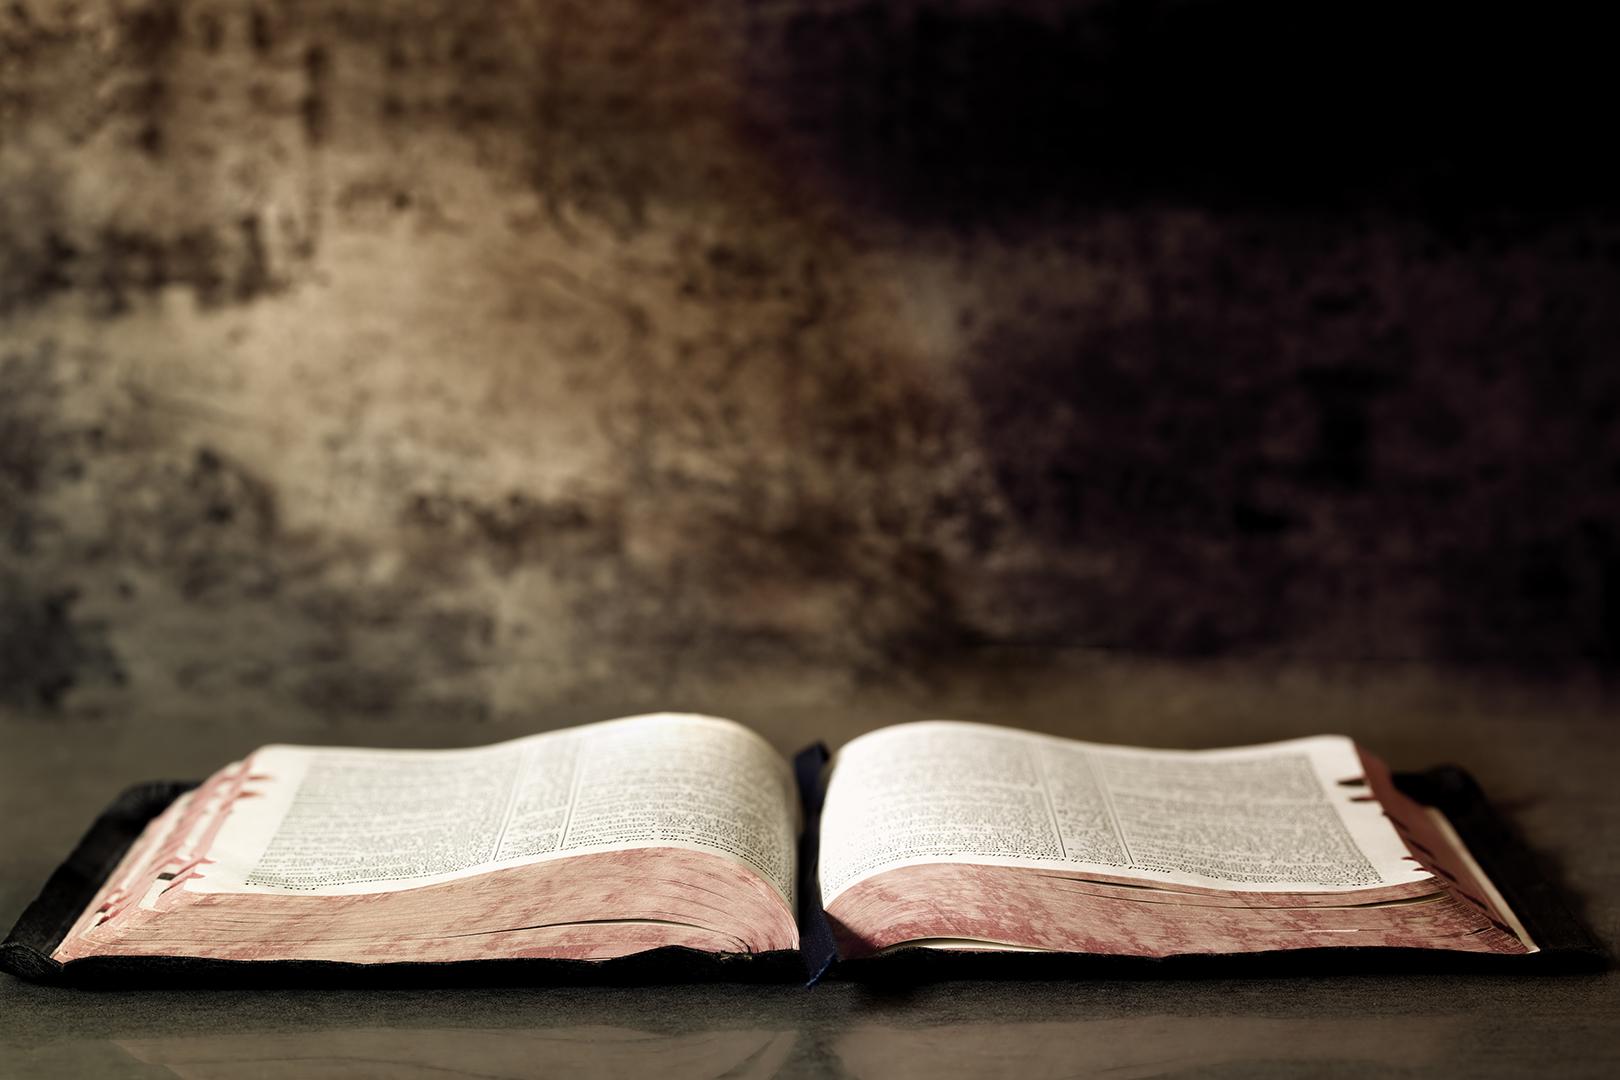 Lea la Biblia en un año : 216º día15 min read